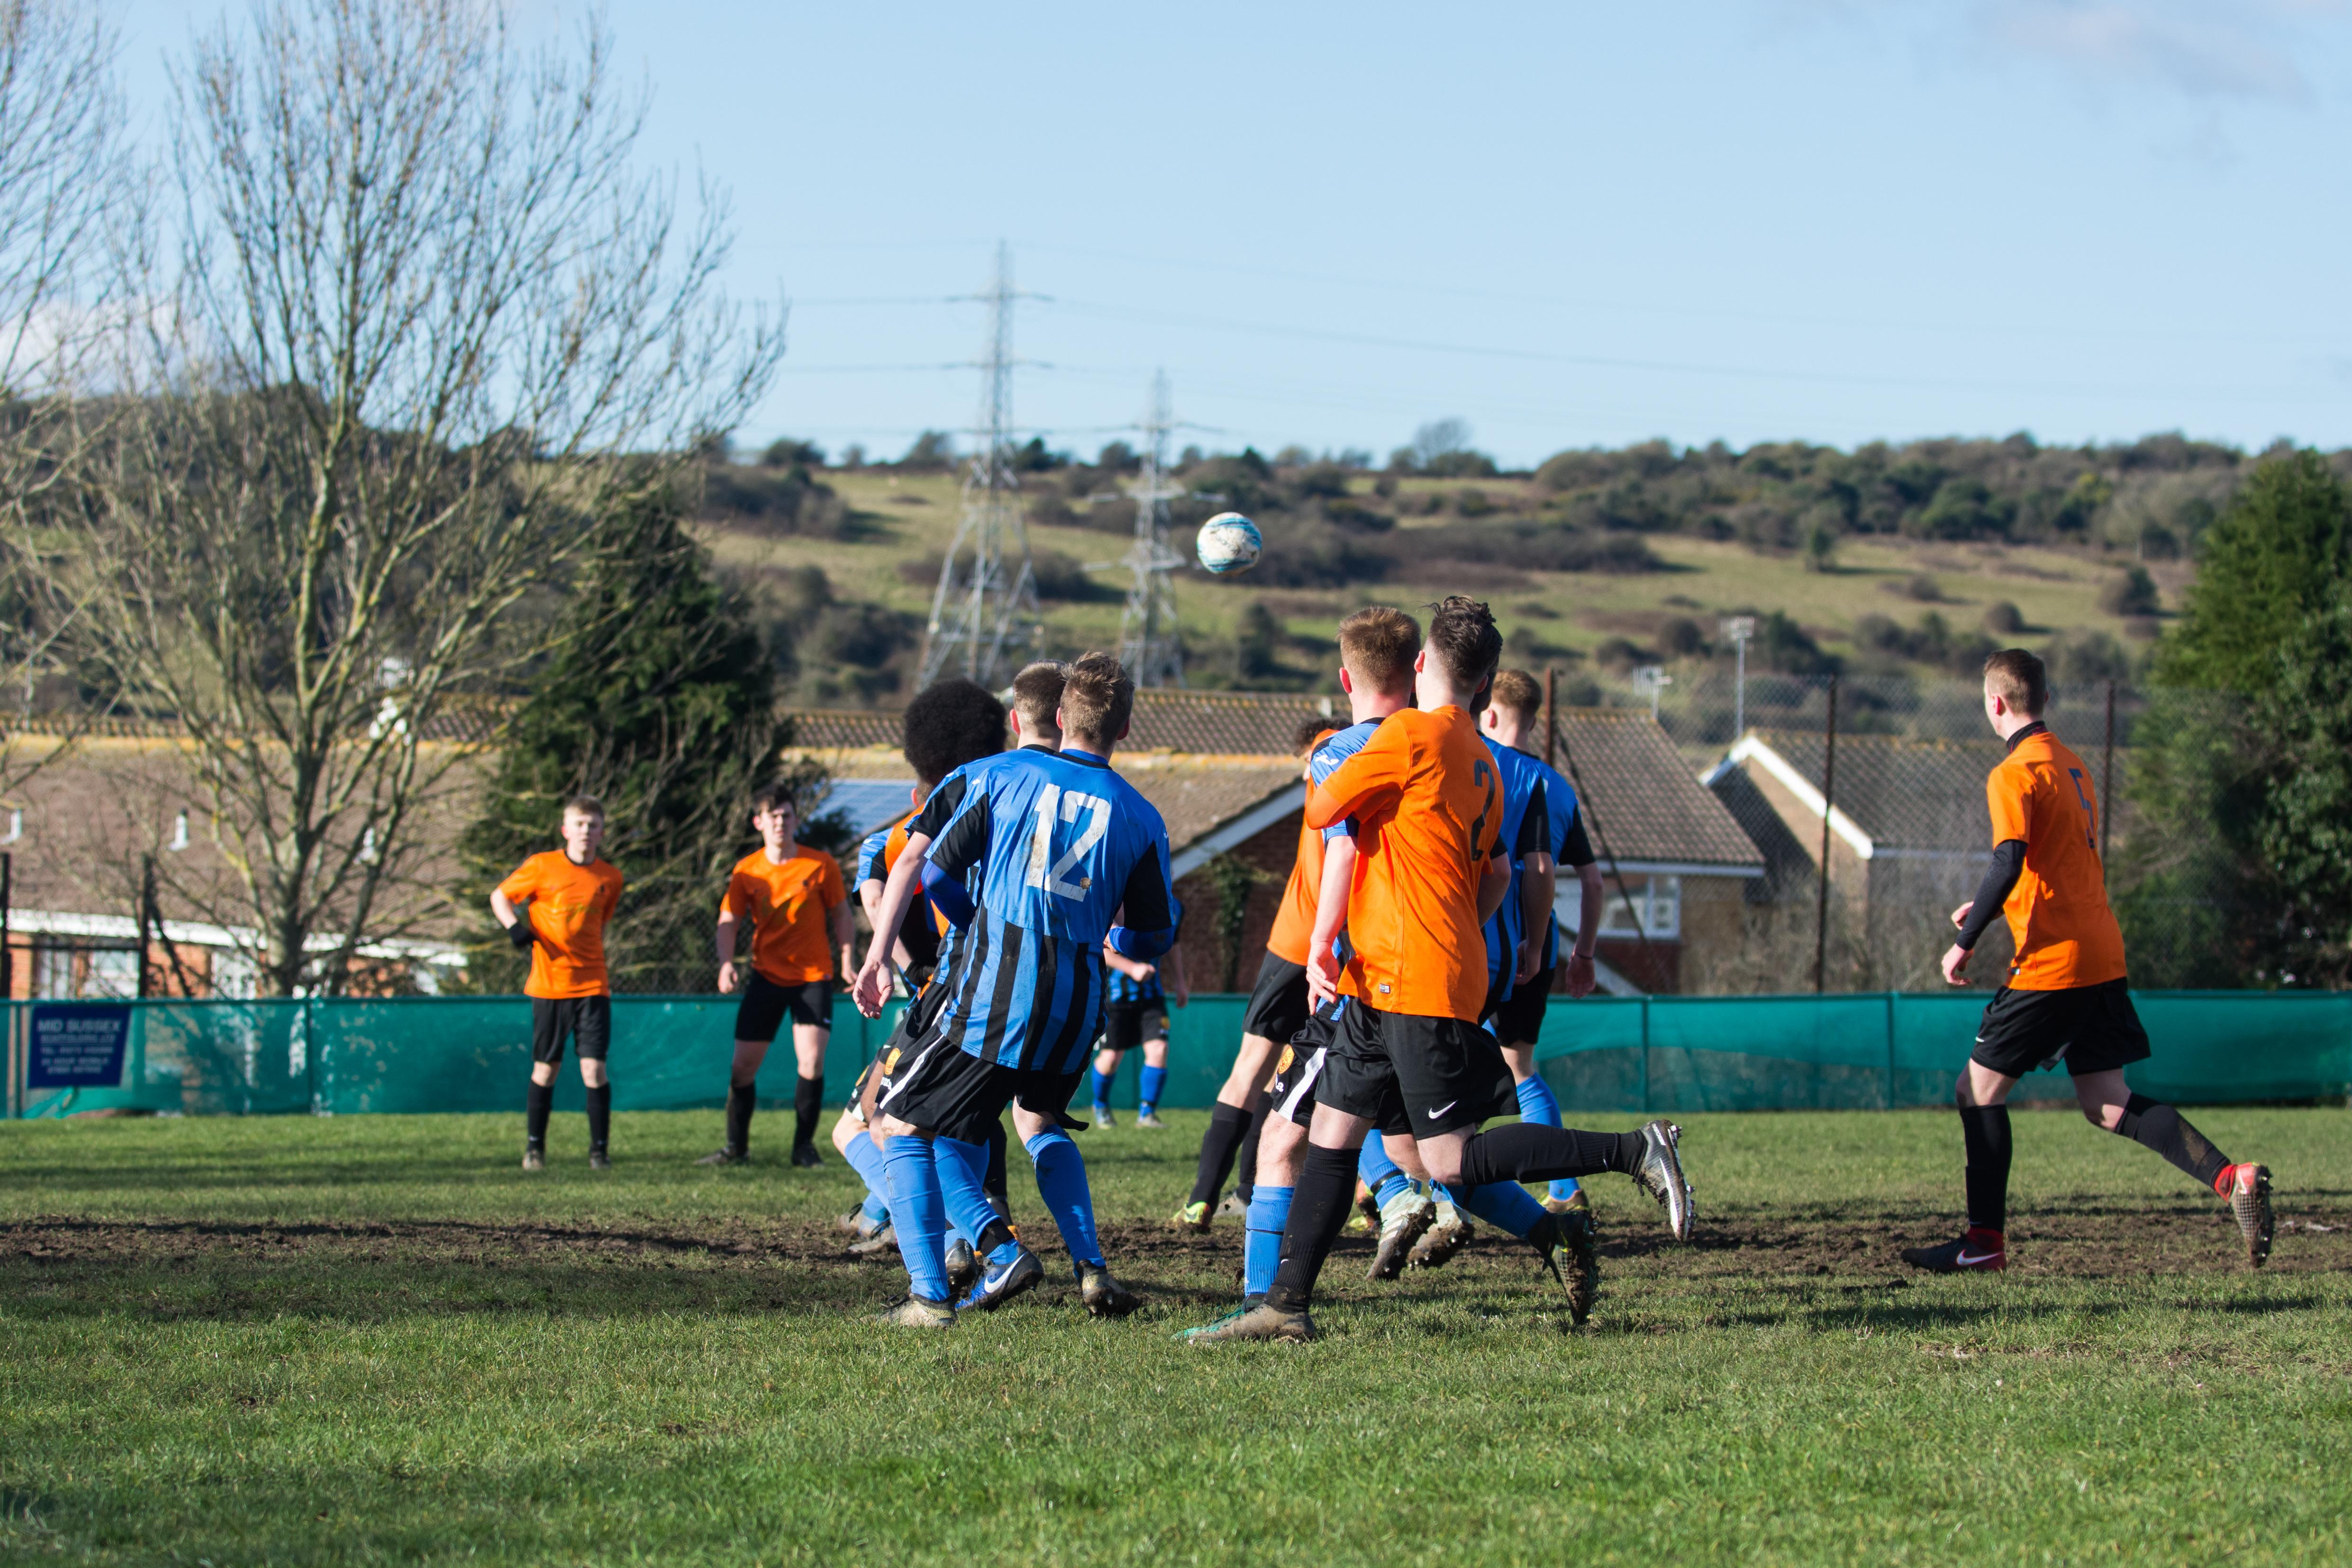 Mile Oak FC U18s vs Newhaven FC U18s 04.02.18 12